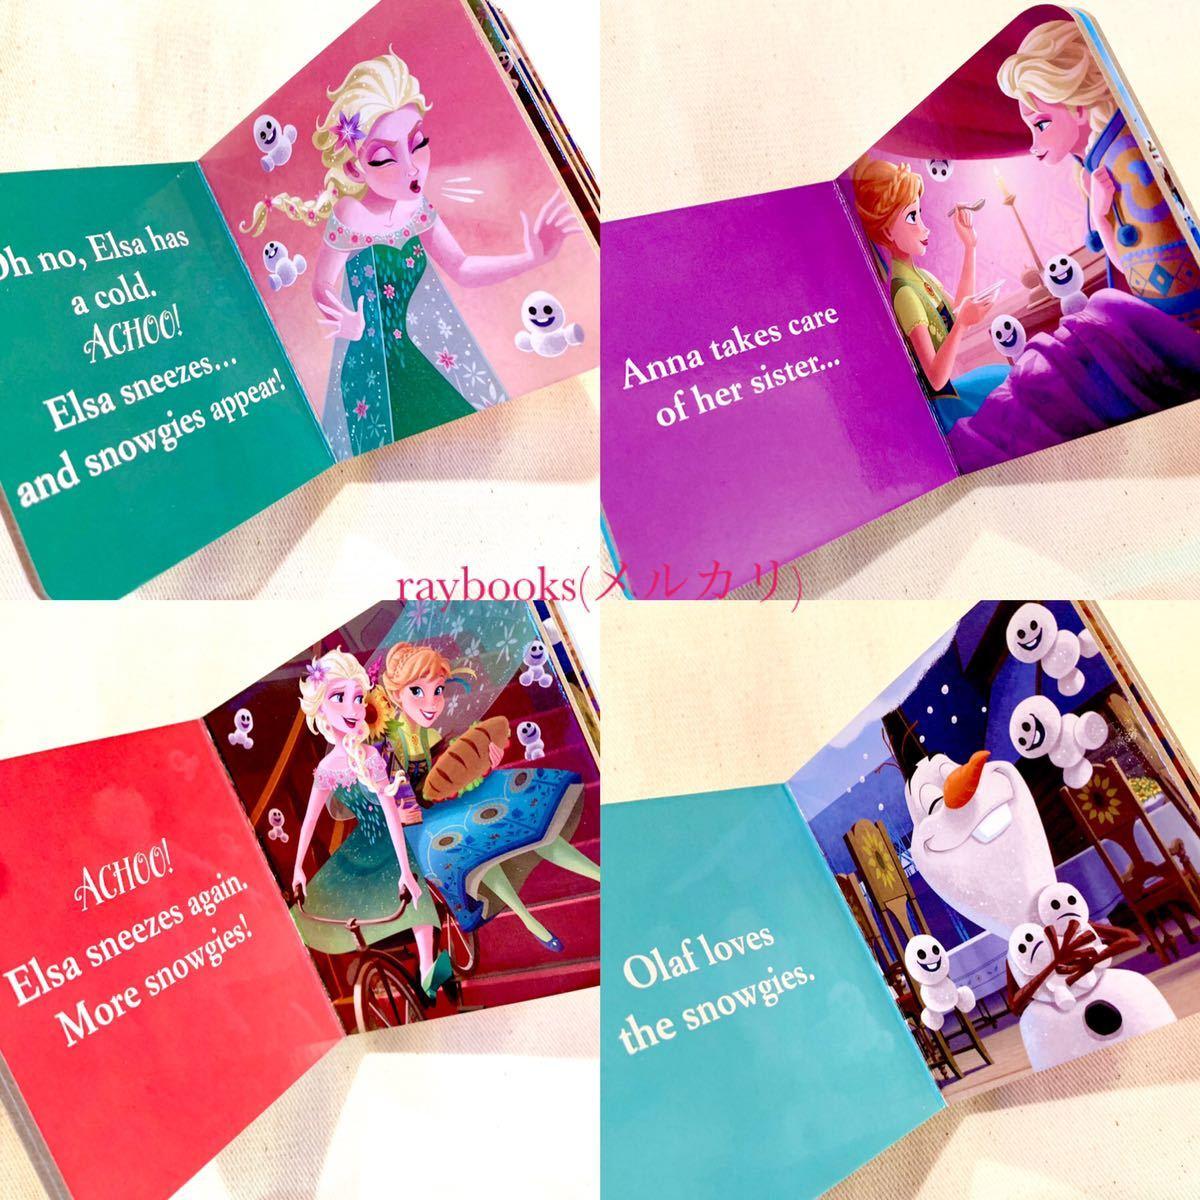 新品【海外購入】ディズニープリンセス 英語絵本 アナと雪の女王 12冊 エルサ FROZEN disney 知育絵本 知育玩具